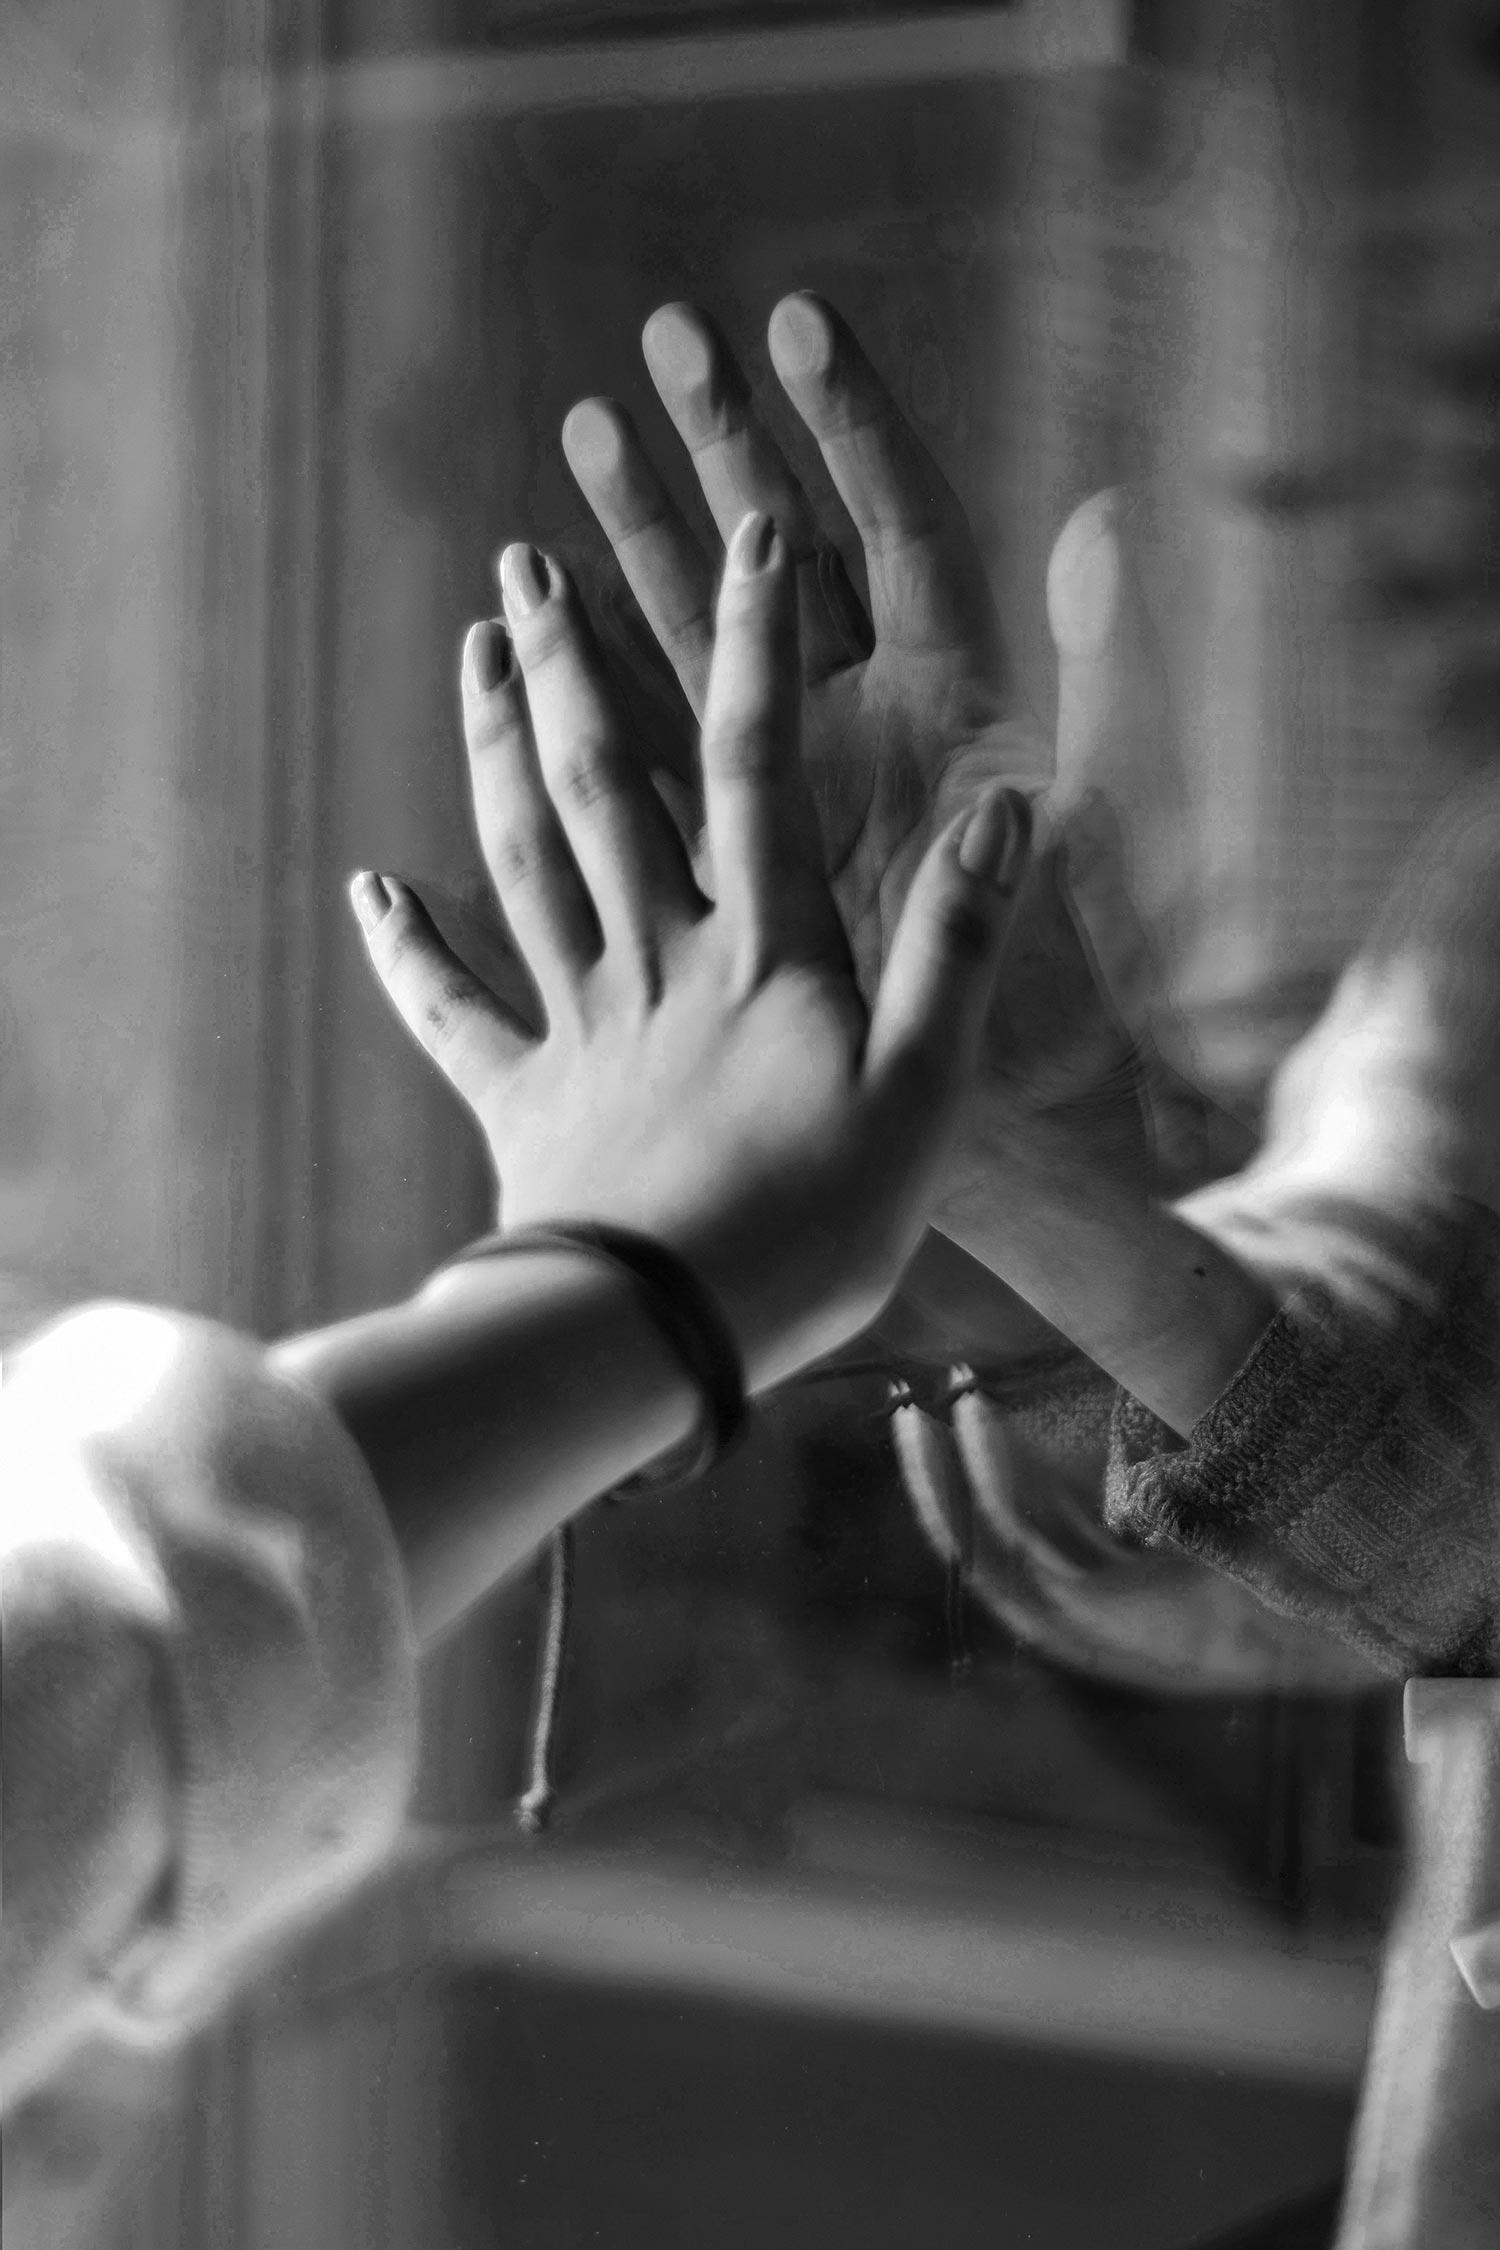 Le toucher et la sexualité